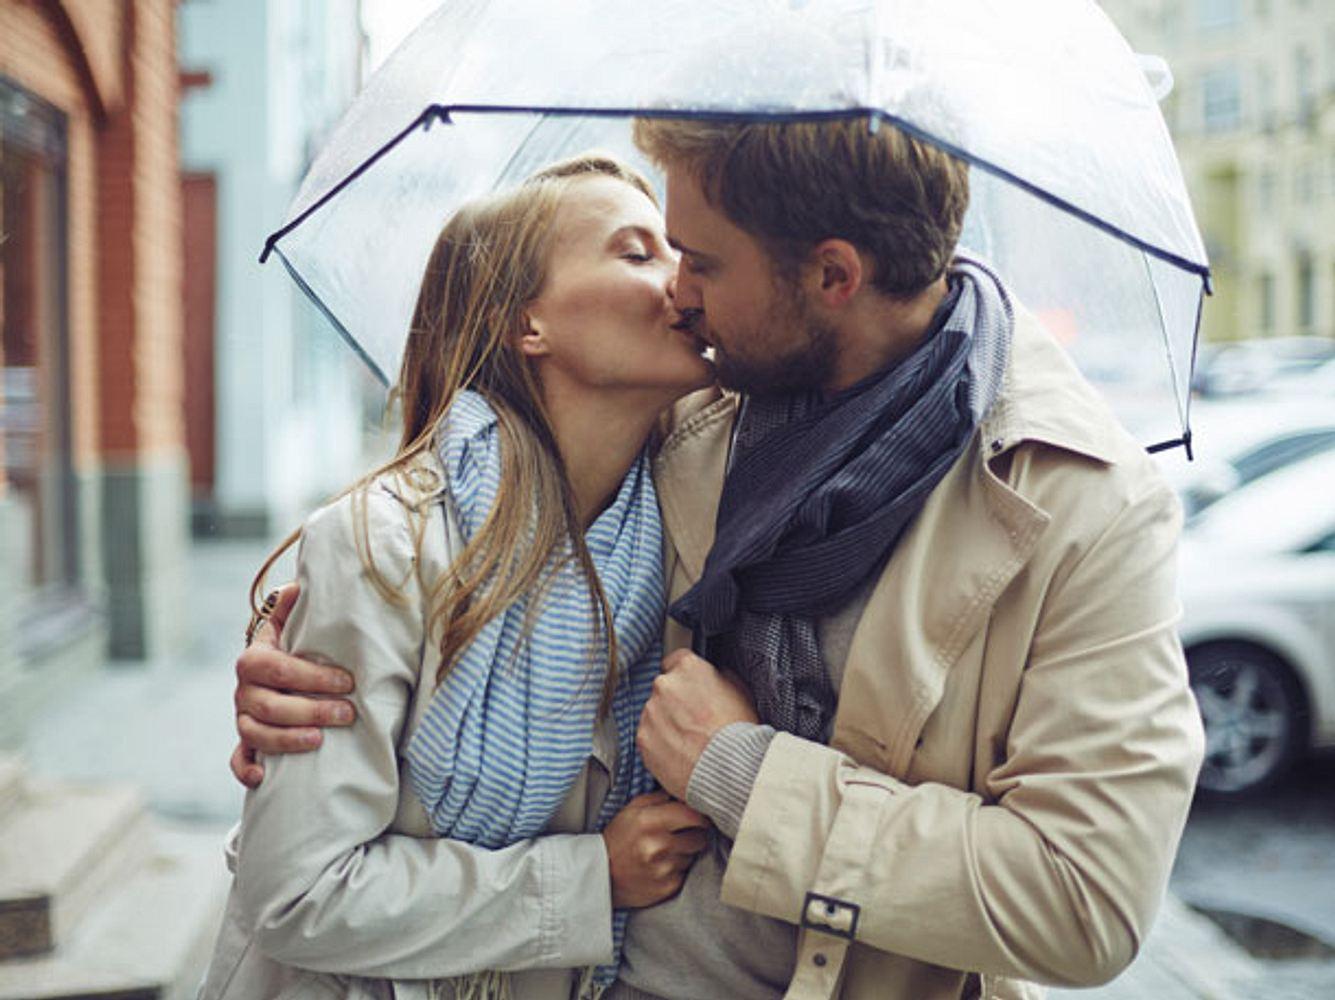 Das ist der genau richtige Größenunterschied beim Küssen